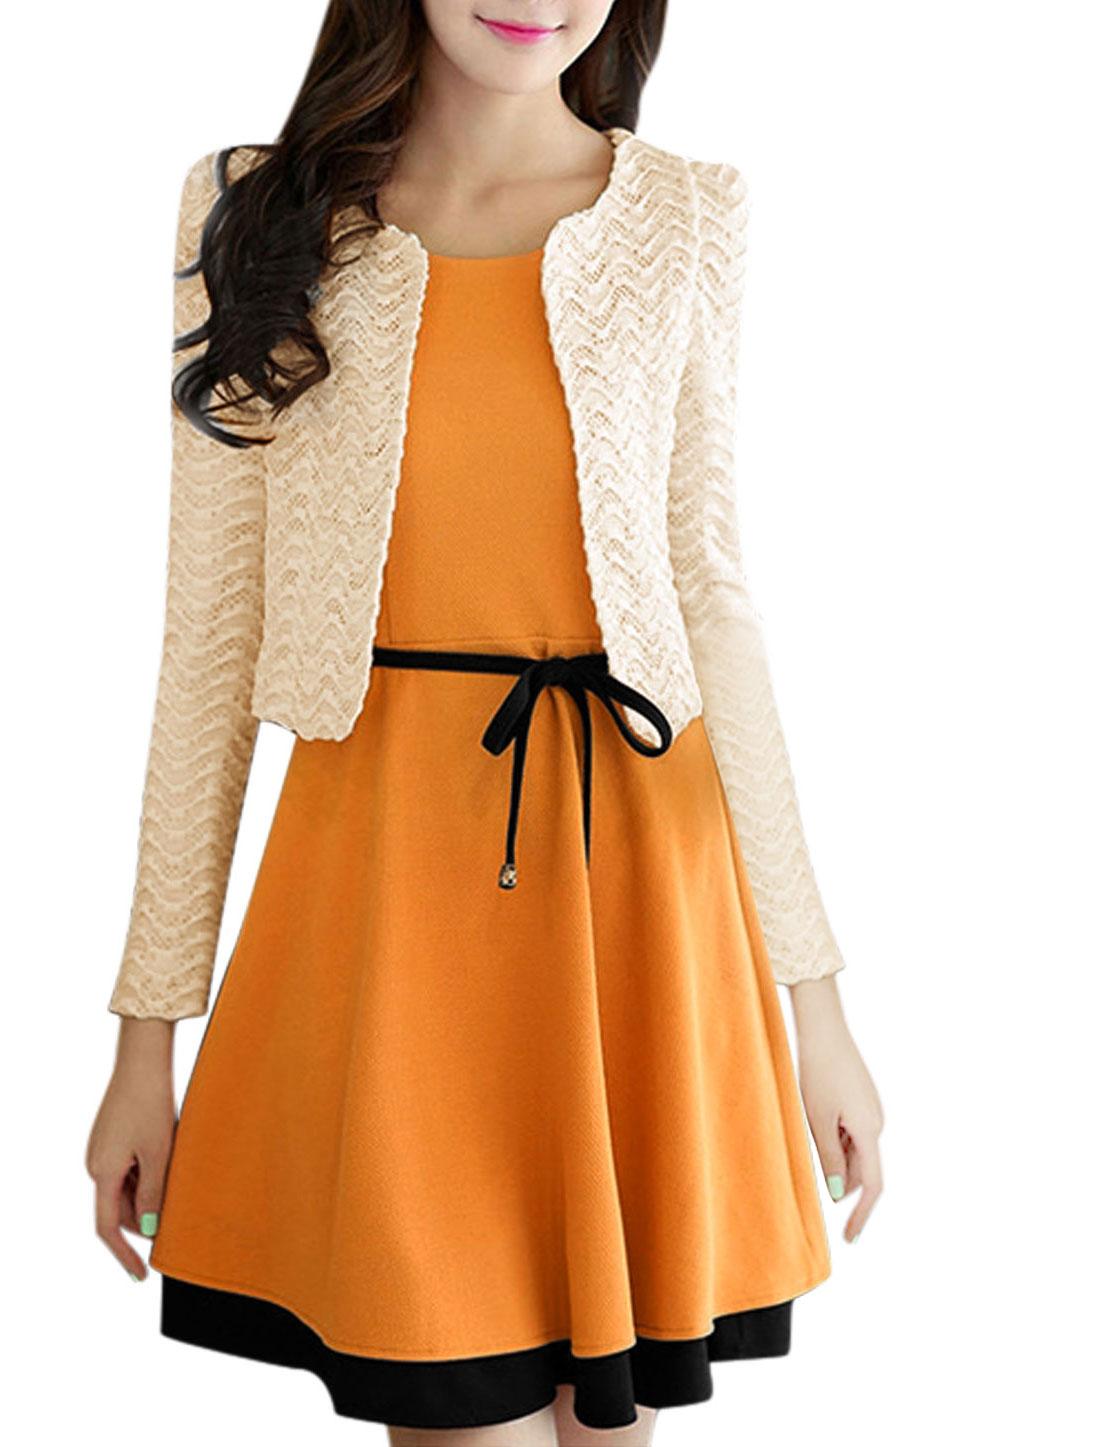 Lady Sleeveless Dress w Semi Sheer Jacket w Brooch Yellow Beige S